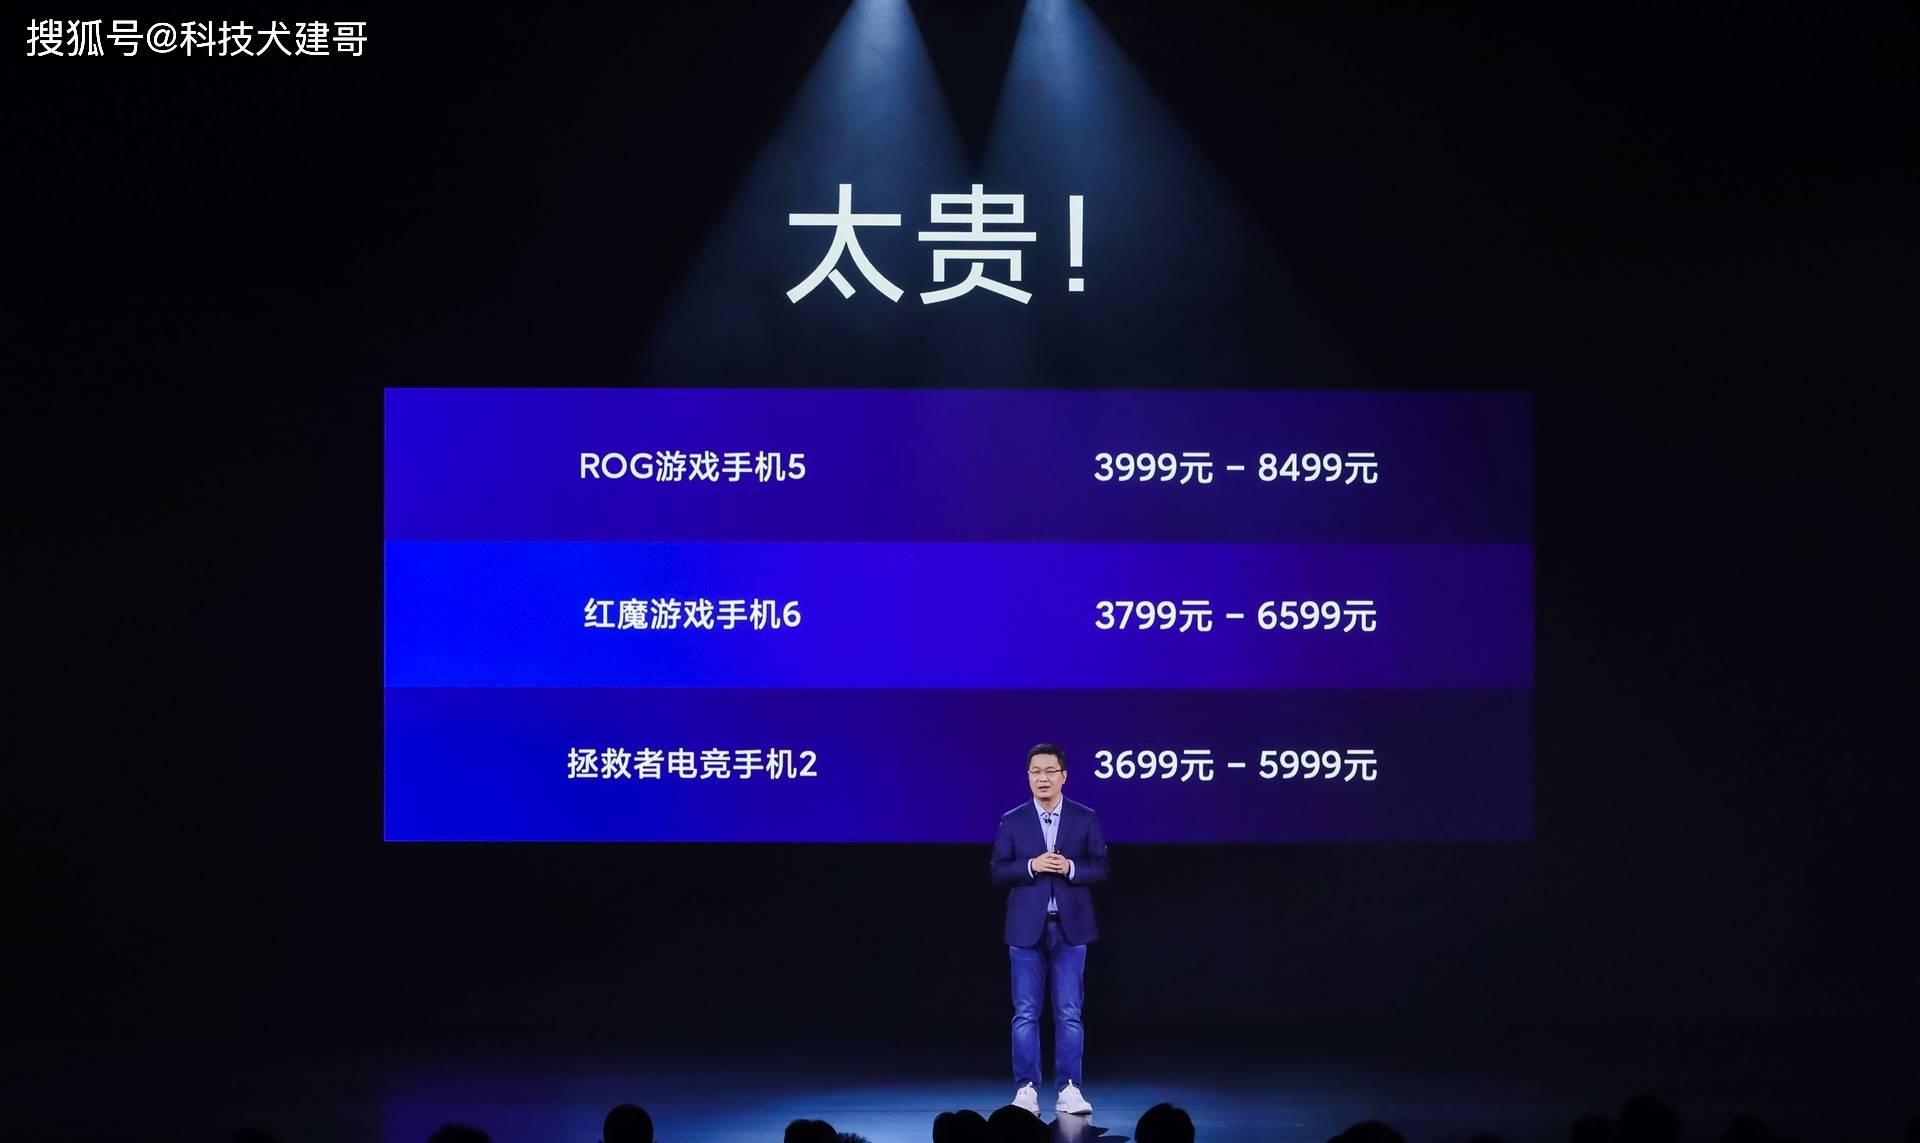 天顺app下载-首页【1.1.7】  第1张